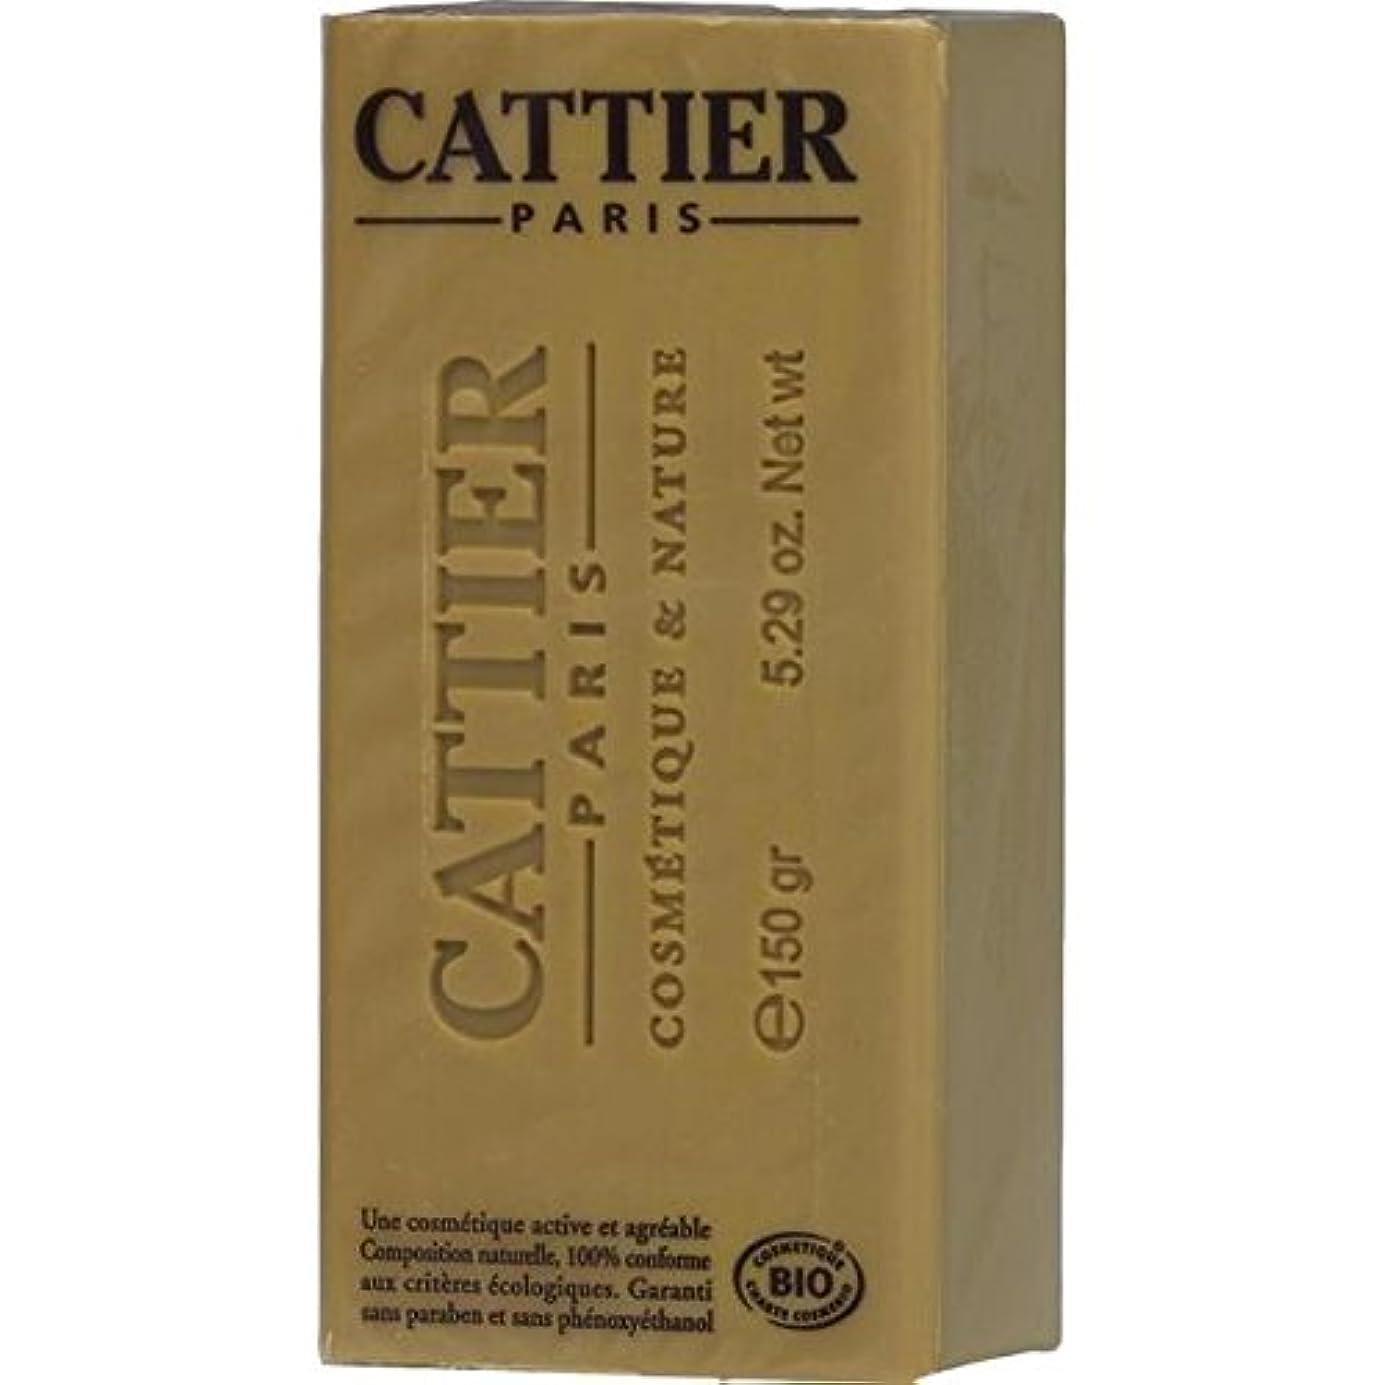 原稿年次理論CATTIER(カティエ) ベジタブルソープ_ 150g (イエロークレイ)